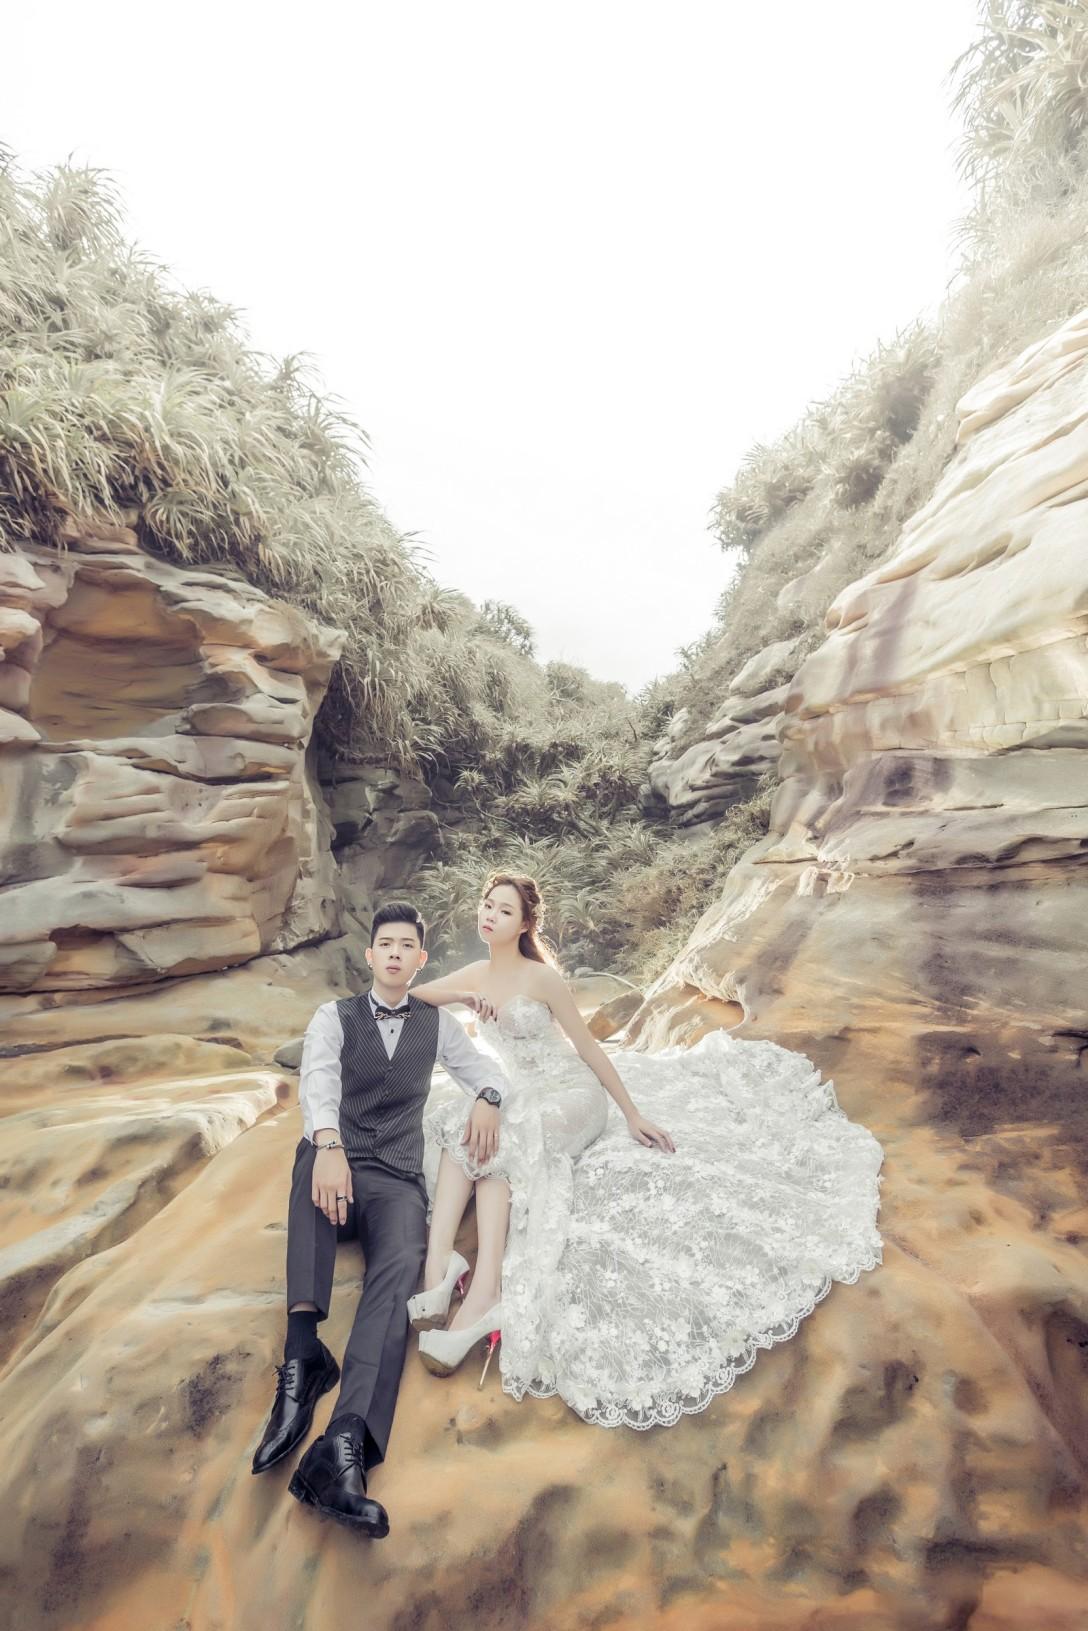 自助婚紗,自助婚紗推薦,自助婚紗風格,婚紗照,712